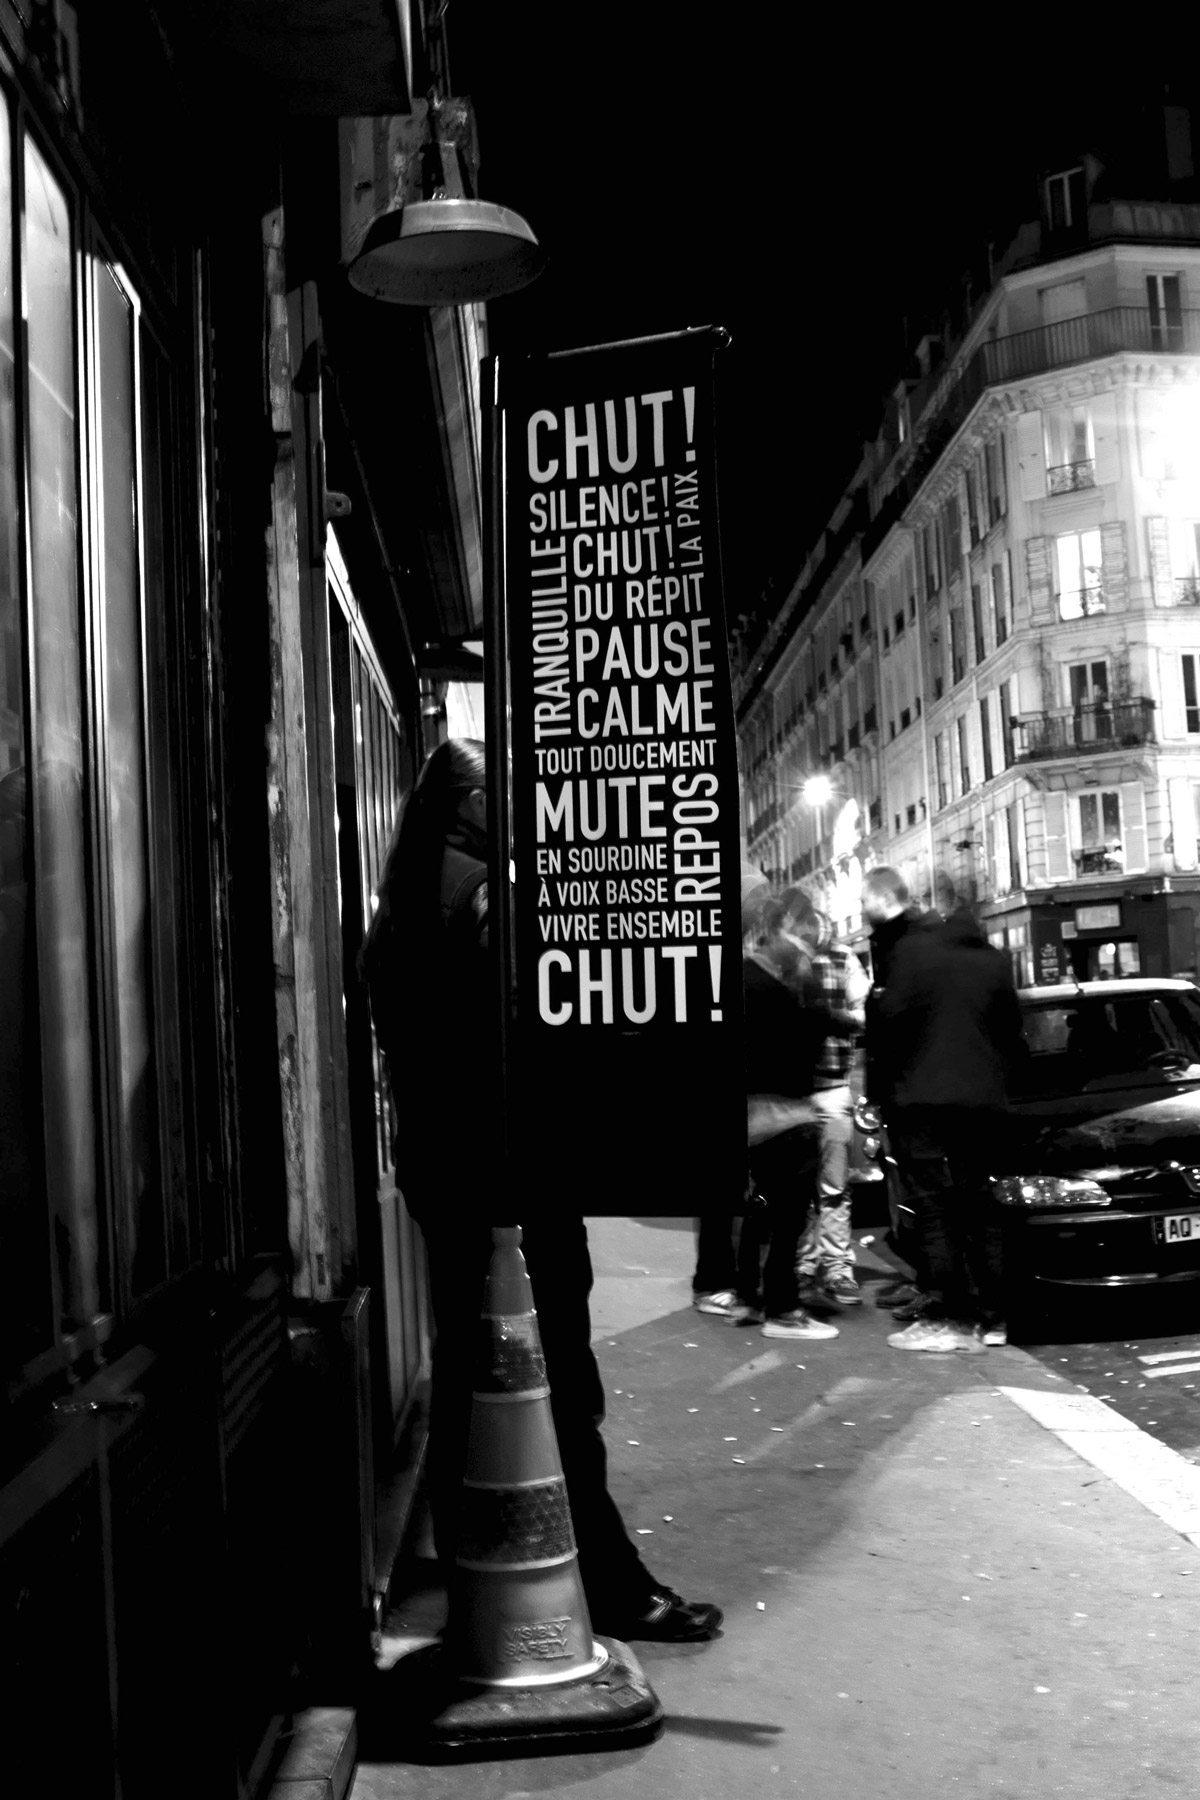 CHUT_photo-rue_1-IchetKar